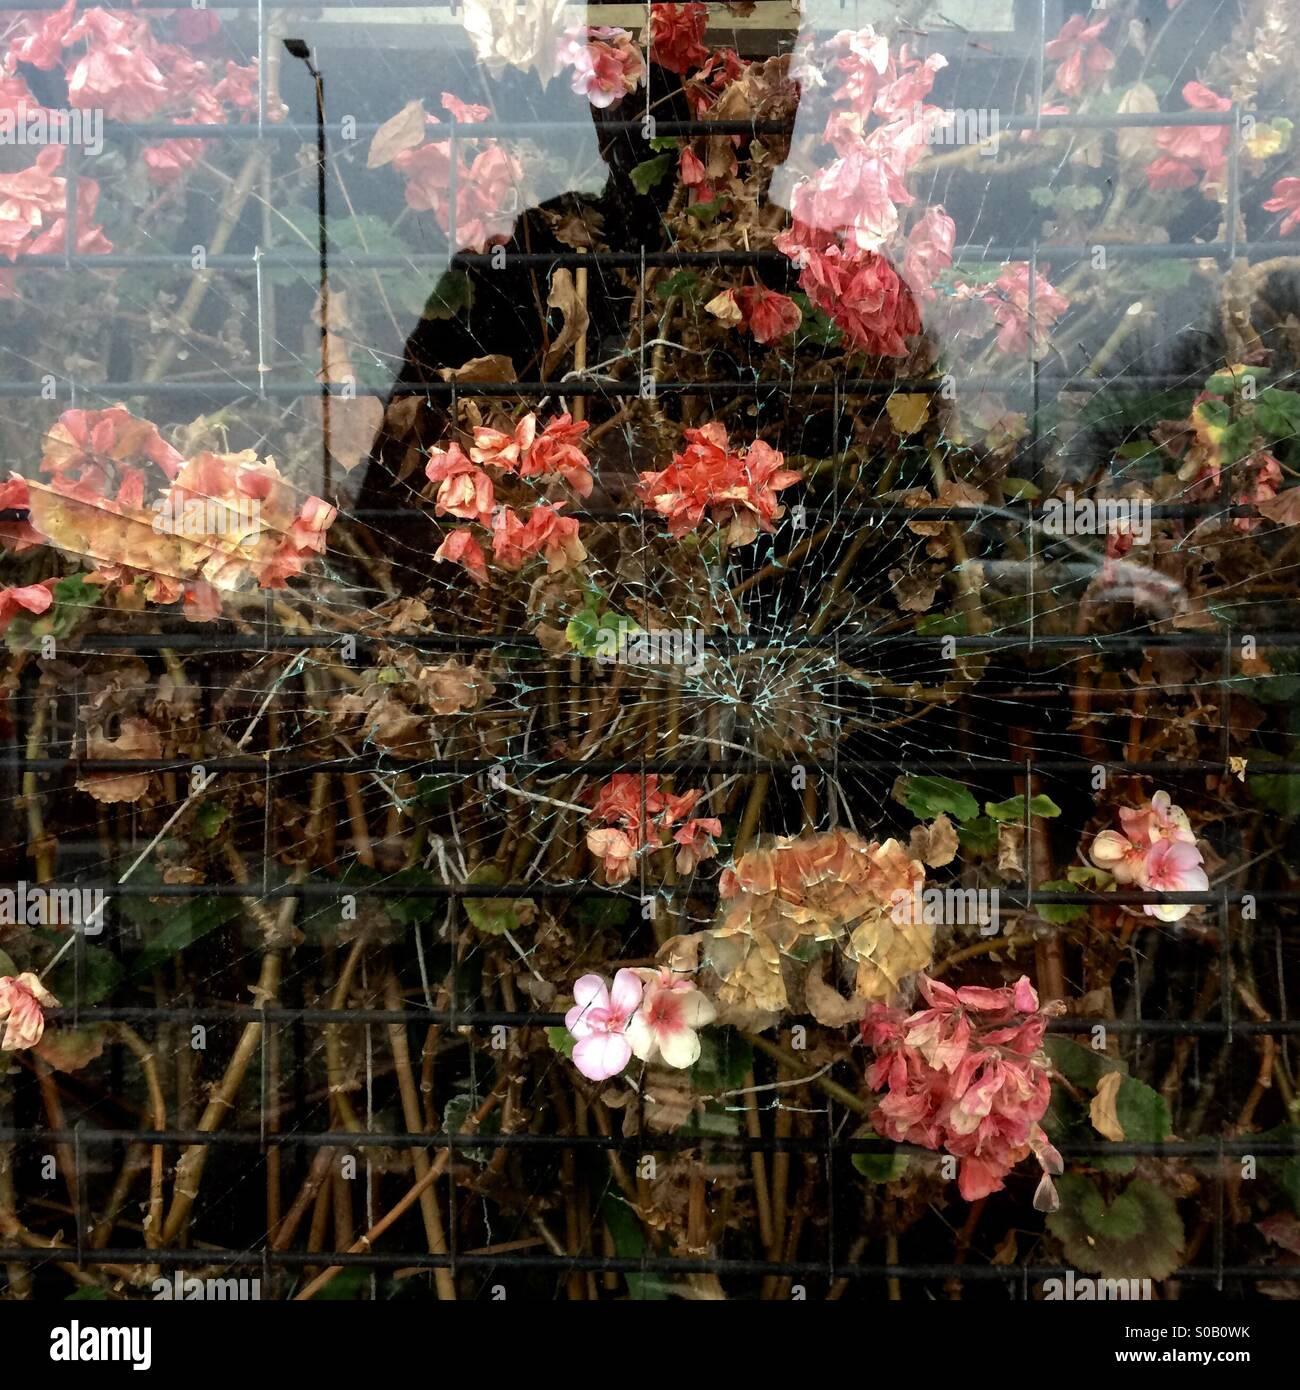 Eine Figur spiegelt sich in der zerbrochenen Fenster von einem stillgelegten Blumenladen in Birmingham, England, Stockbild